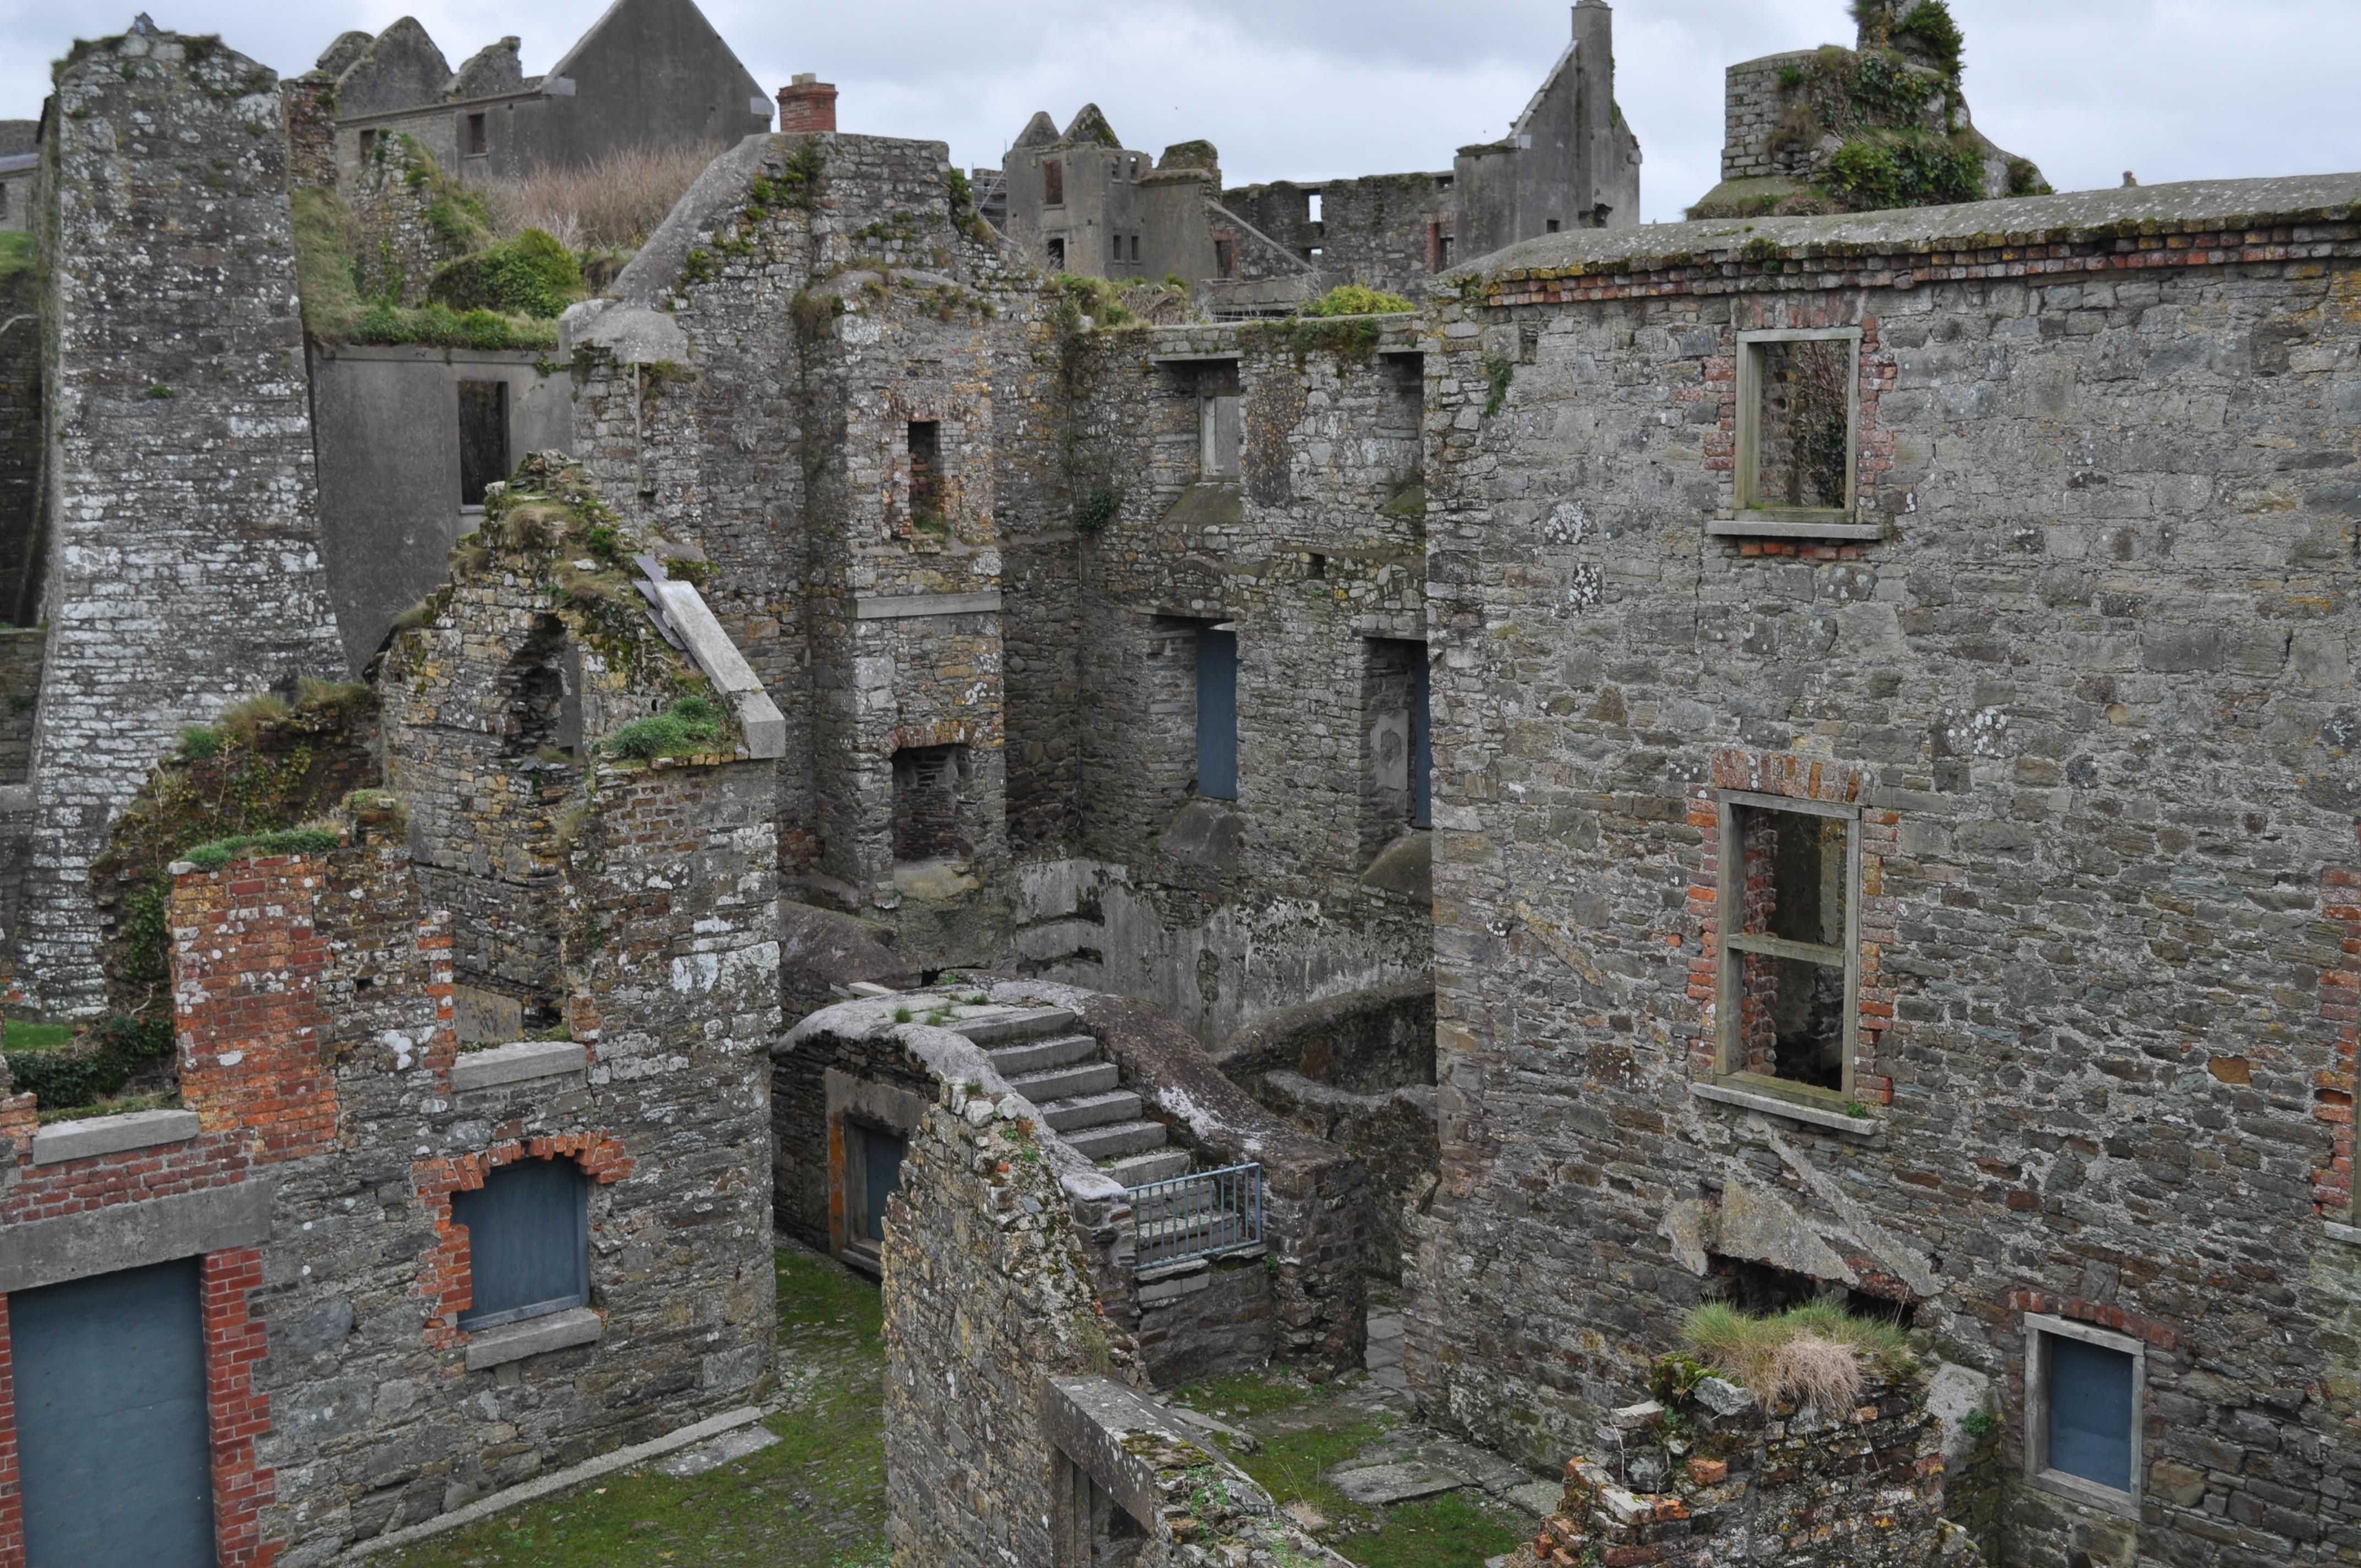 Charles Fort Kinsale Ireland Live Rural Newfoundland